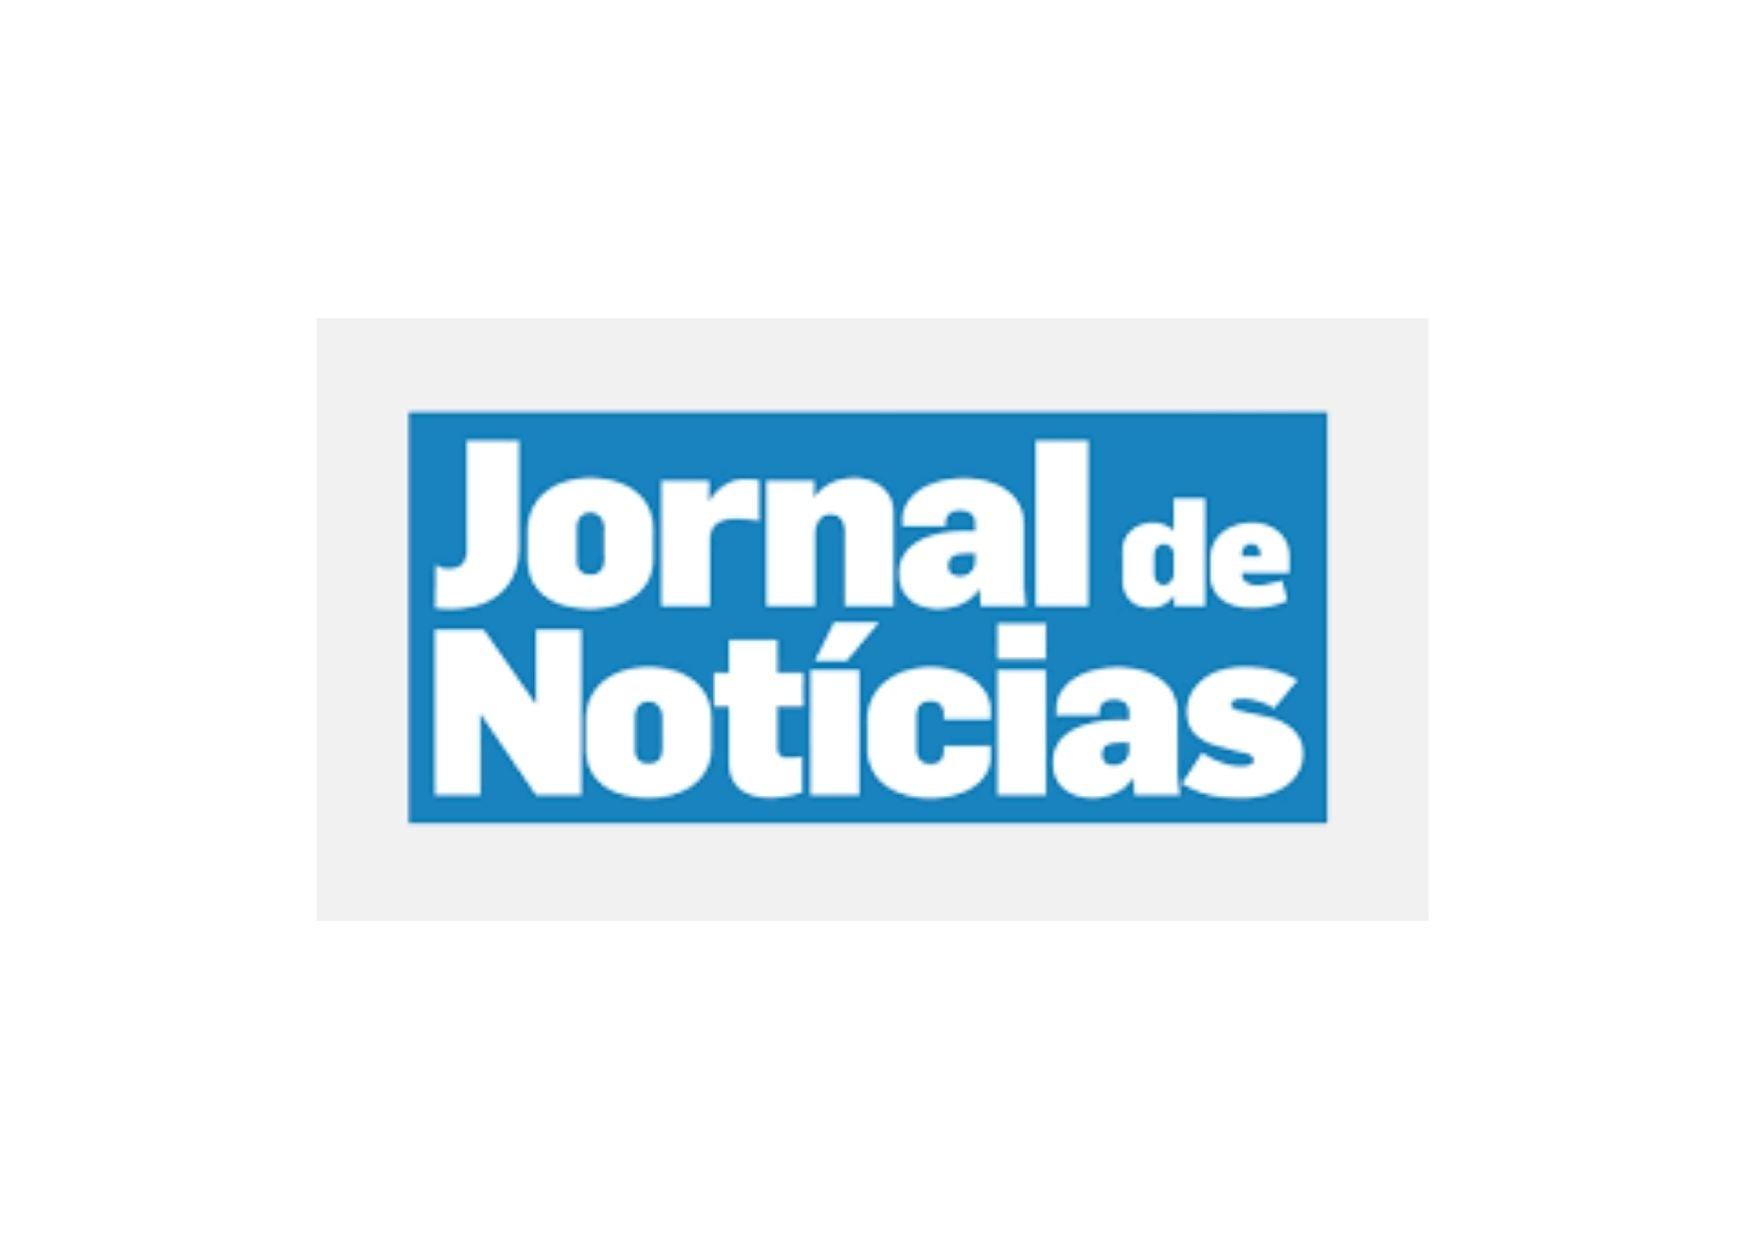 Noreena's Interview for Portugal's Jornal de Notícias